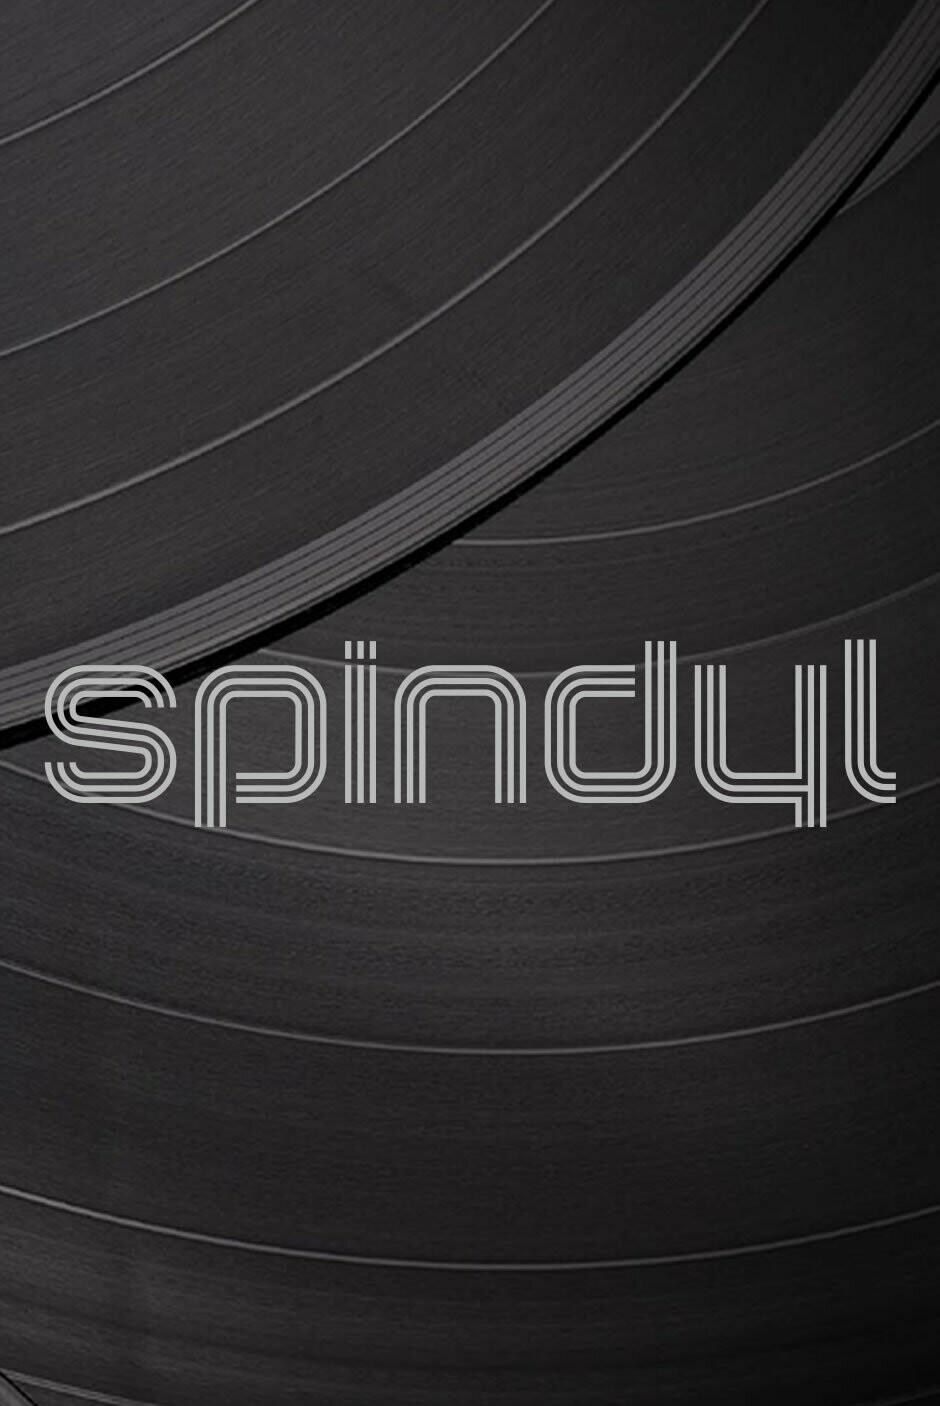 Spindyl - Vinyl Wall Mount